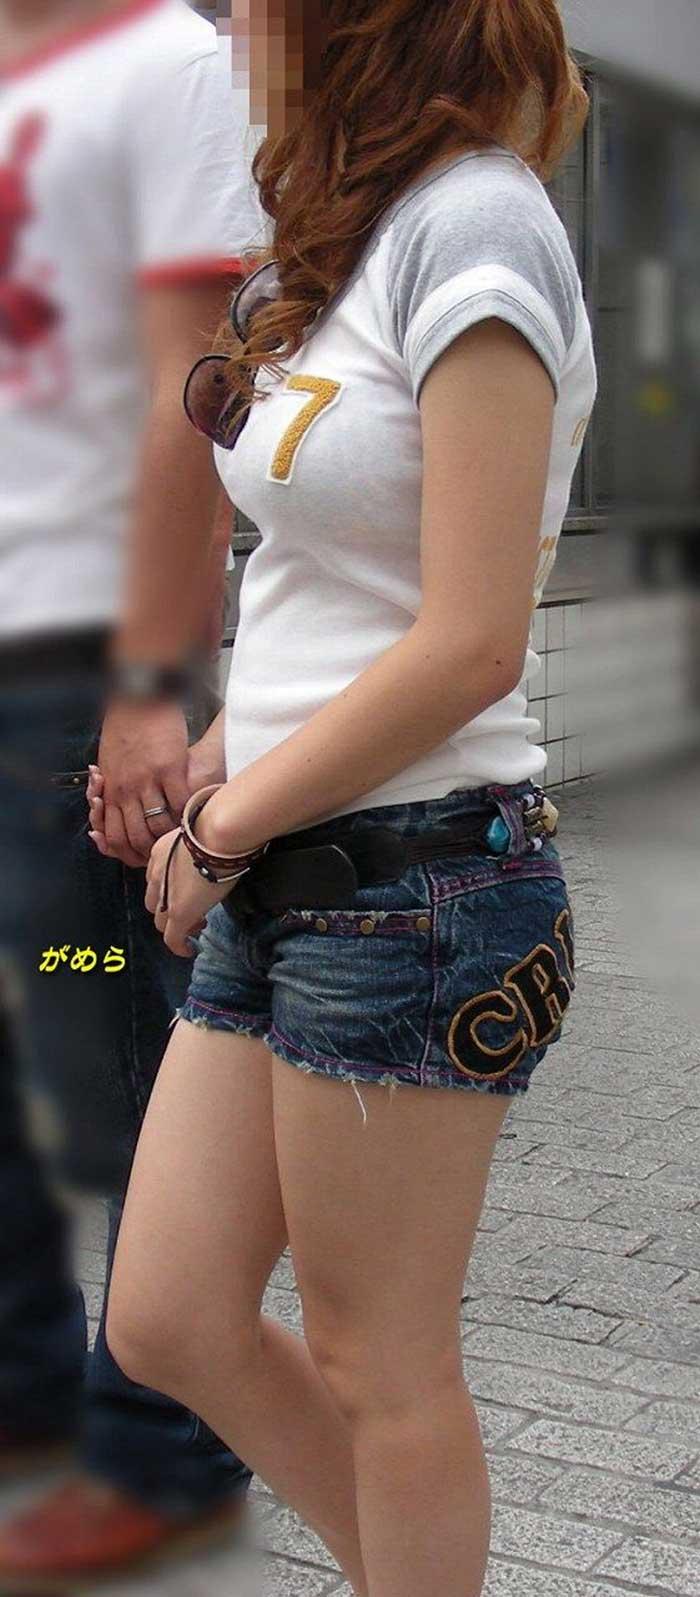 【Tシャツ透けエロ画像】ブラだ水着だ乳首だ!透けるTシャツおエロさは最高です。海や街で見つけた透っけ透けのエロ画像50選! 22